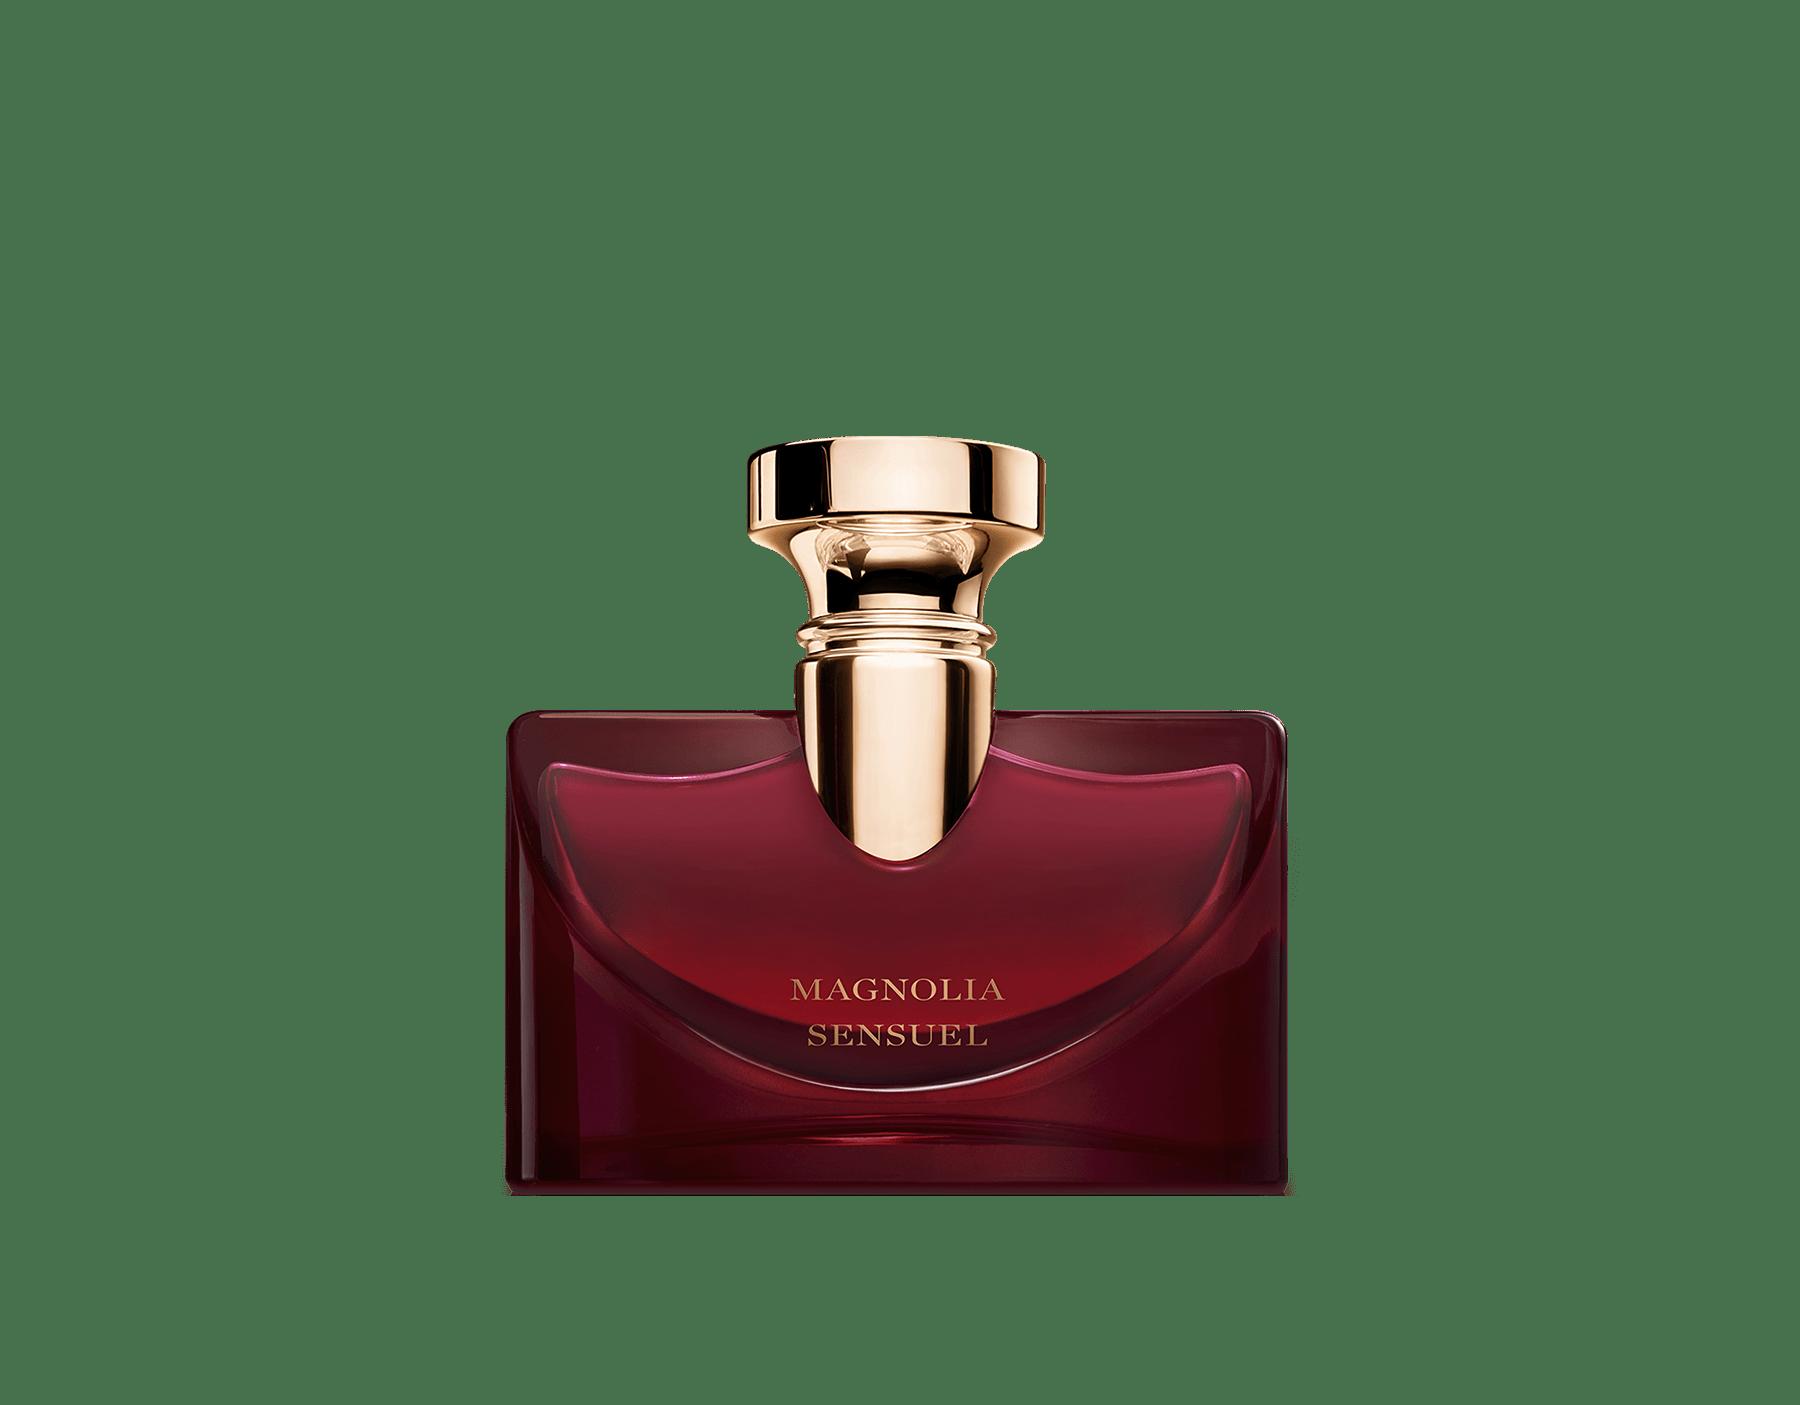 Ce parfum généreux et sensuel s'harmonise autour de la fleur de magnolia, délicate et forte à la fois, symbole ultime de la beauté féminine 97738 image 1